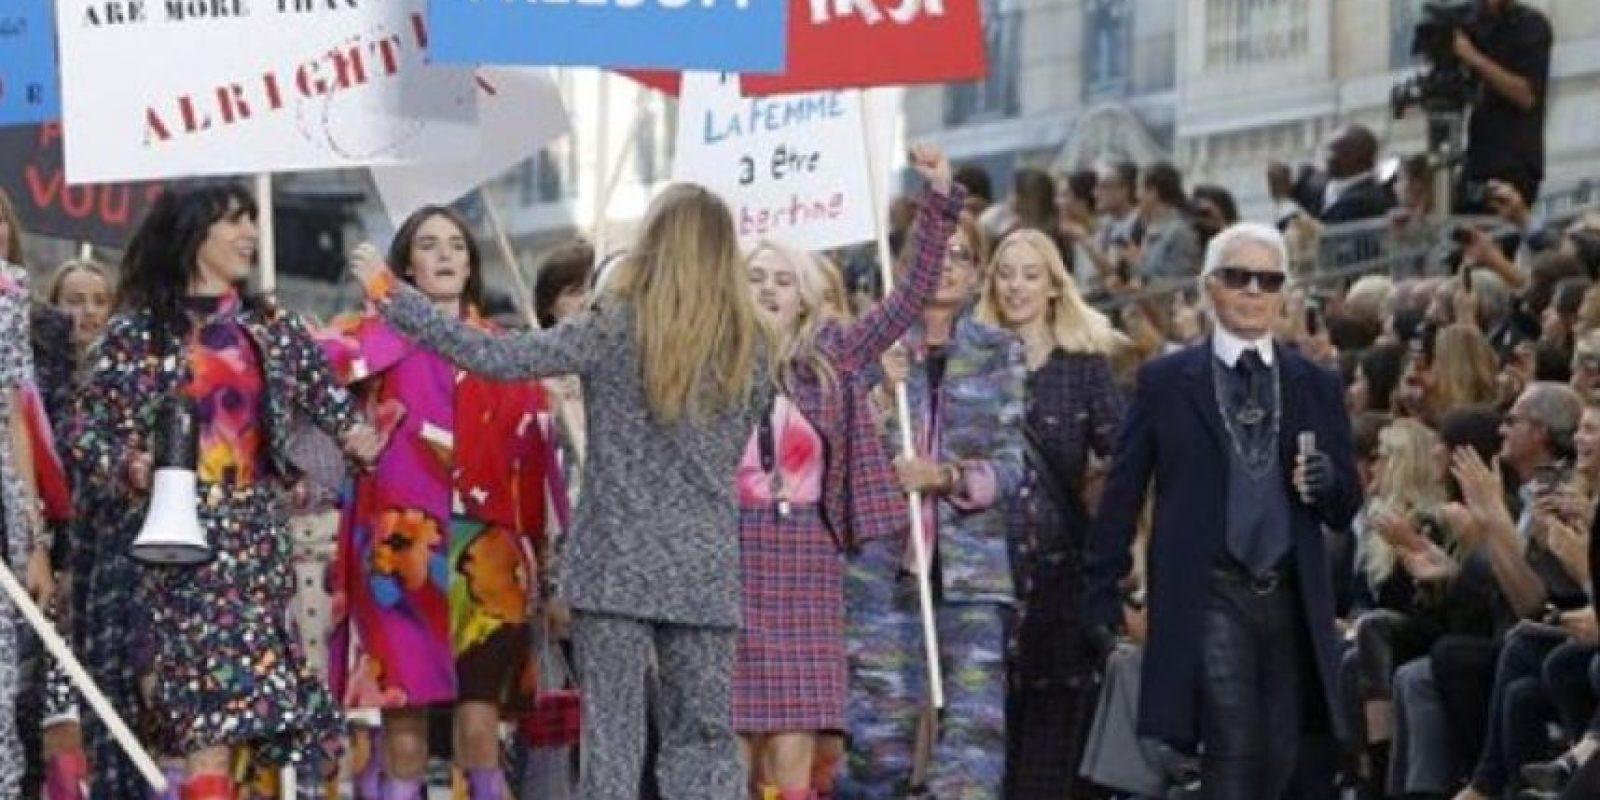 Puso a desfilar a sus modelos con consignas feministas. Foto:AP